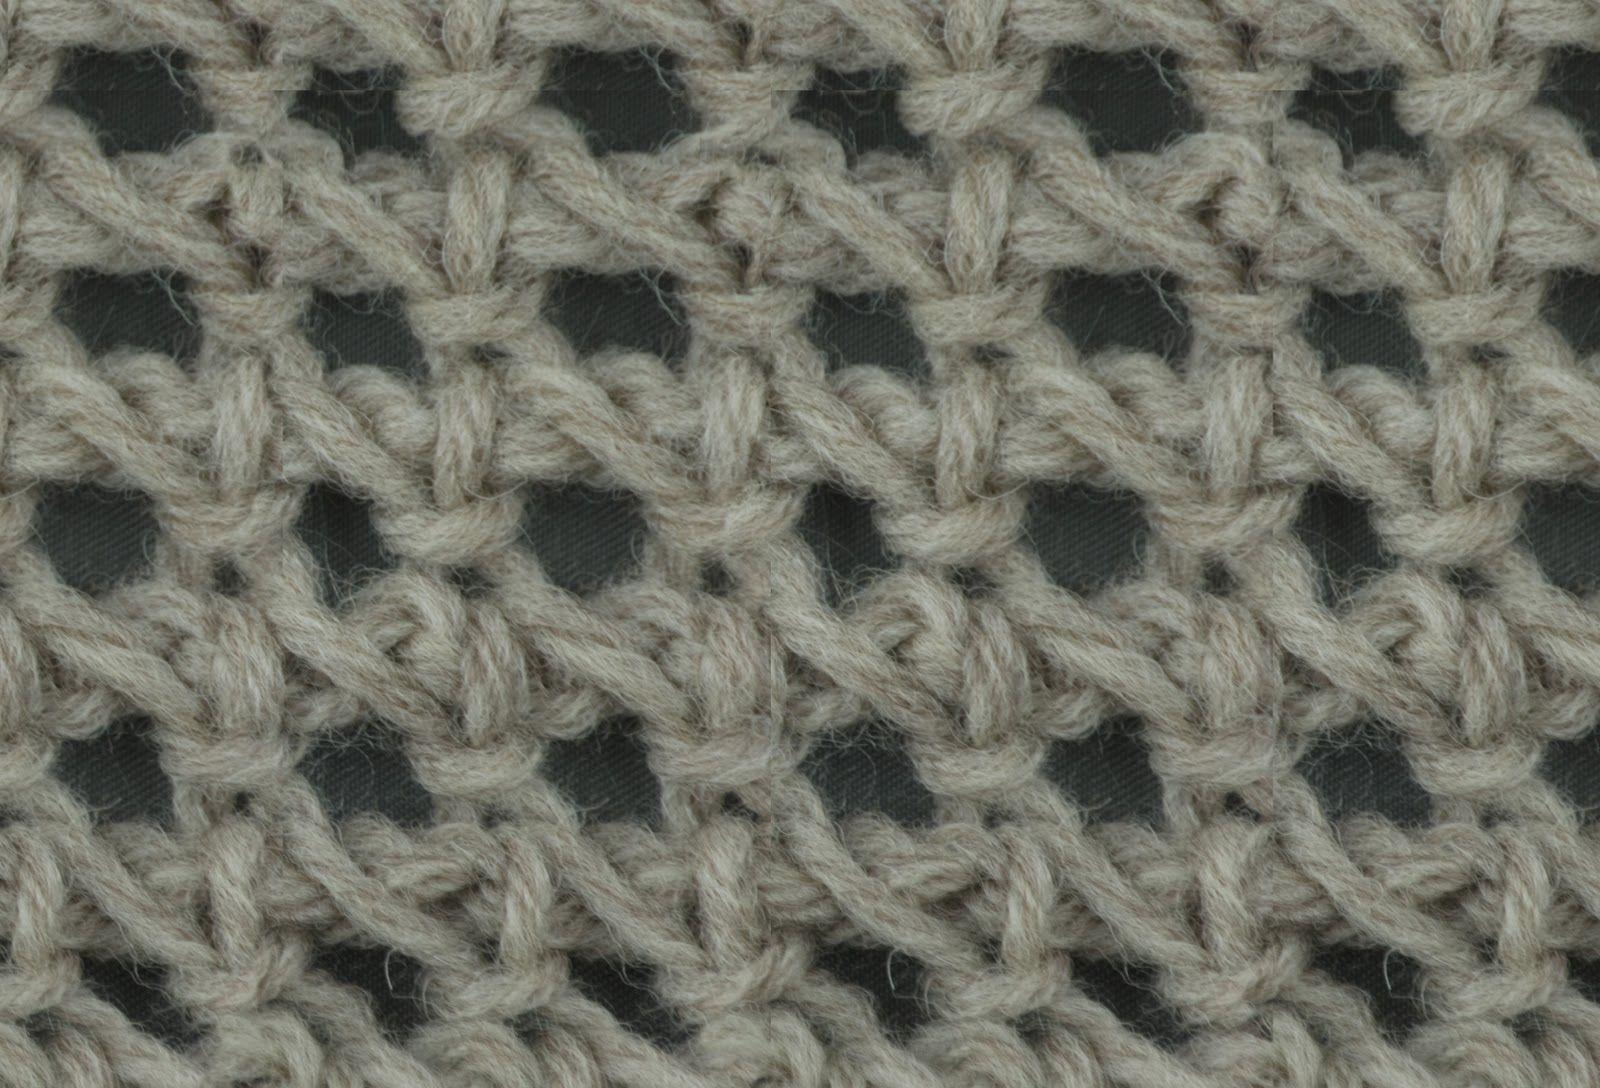 Tunisian Crochet: Tunisian Chain Lace | Tunisian Crochet | Pinterest ...